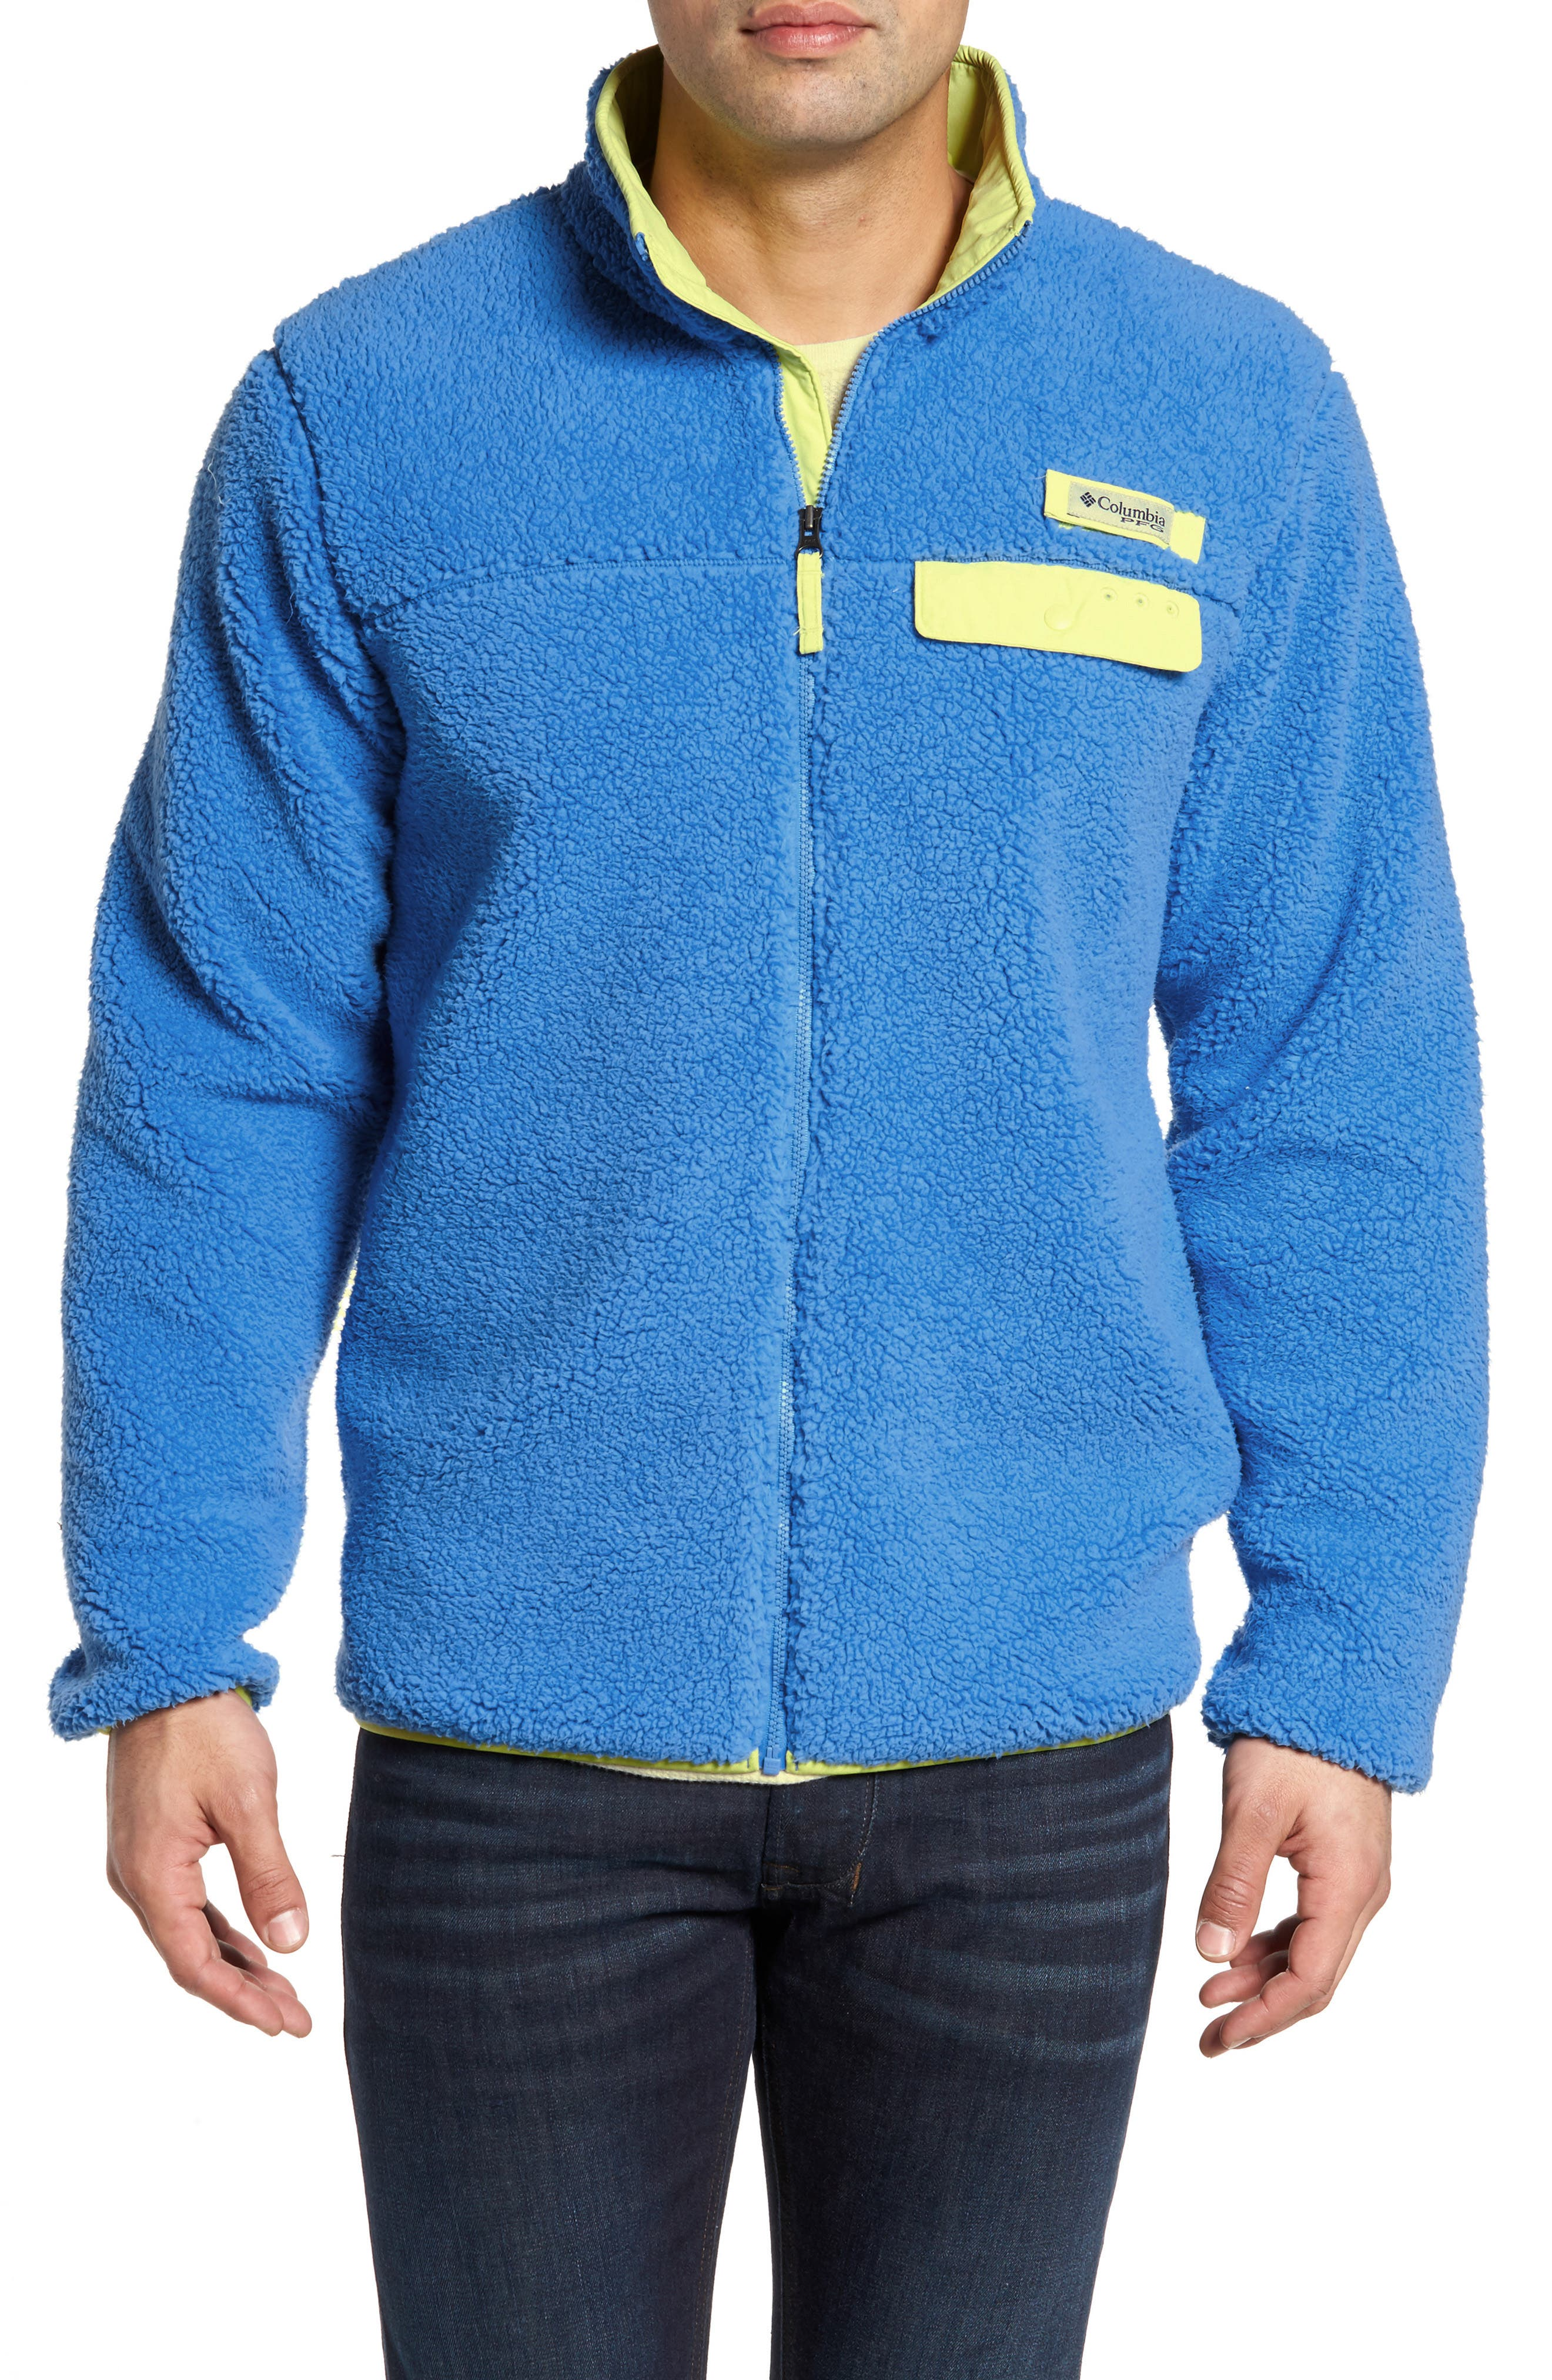 Main Image - Columbia Harborside Fleece Jacket